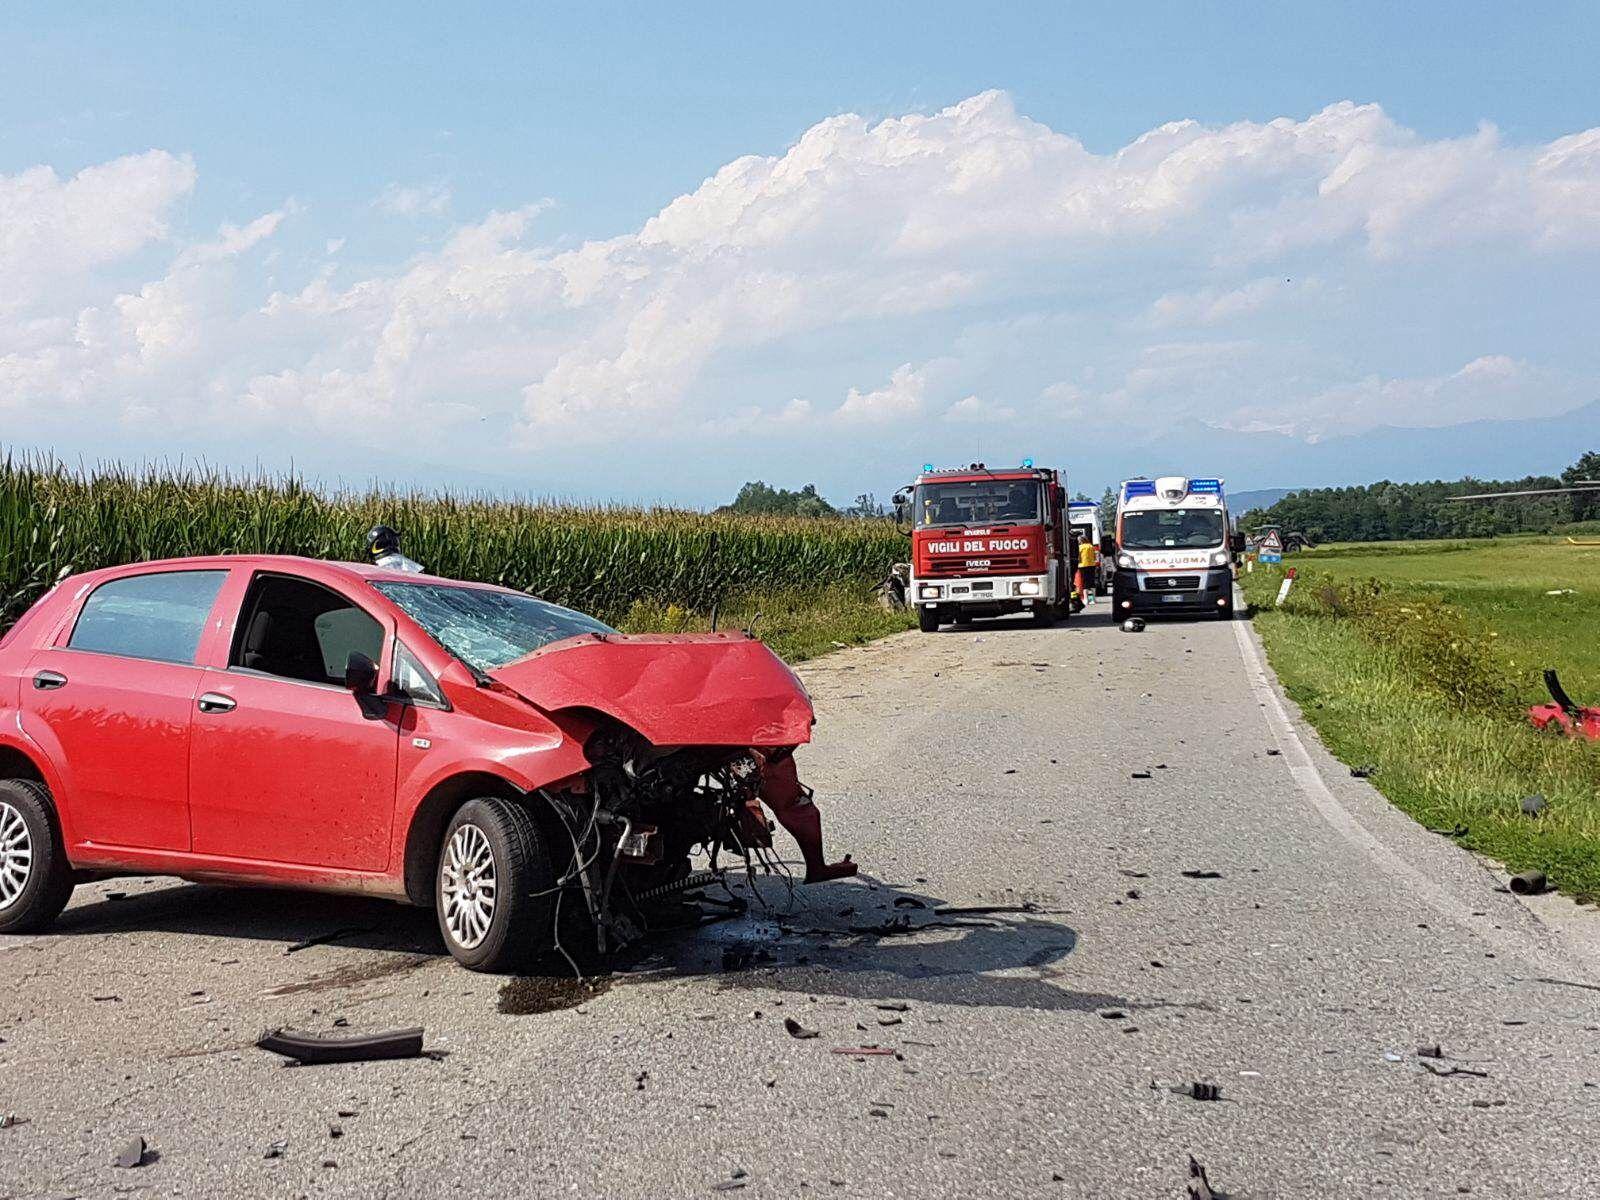 SAN GIUSTO-FOGLIZZO - Incidente mortale: non ce l'ha fatta uno degli automobilisti coinvolti - FOTO